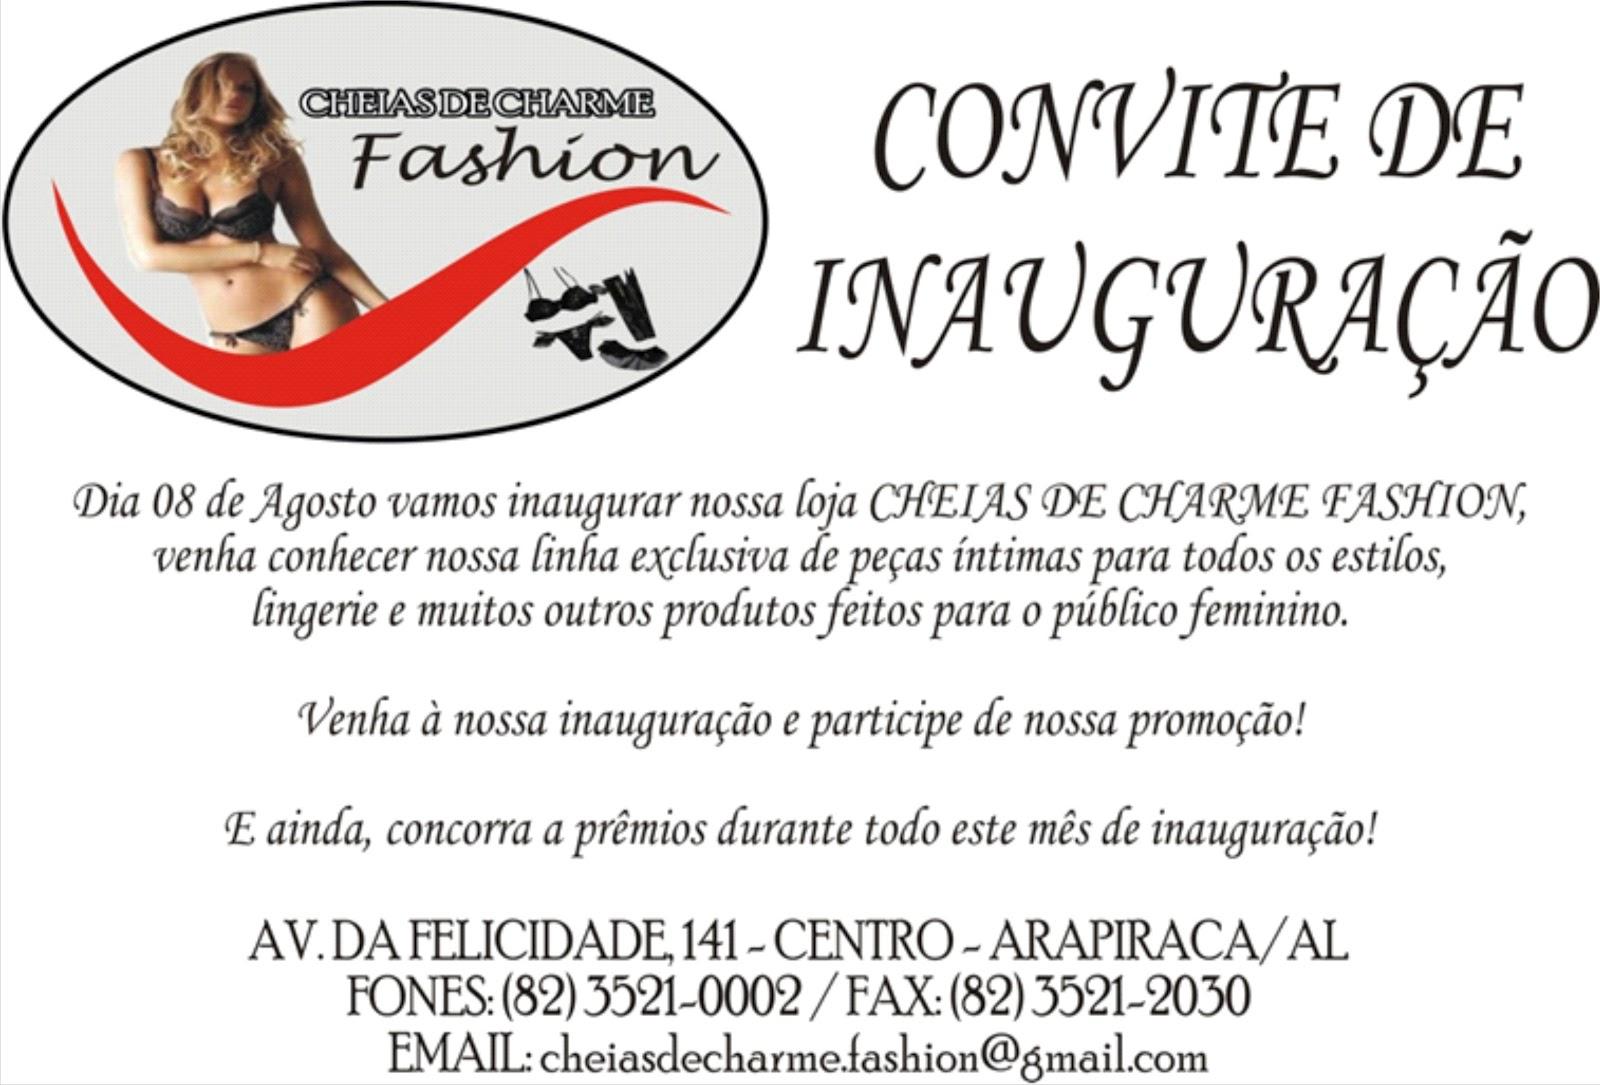 Frases De Inauguração De Loja: CHEIAS DE CHARME FASHION: CONVITE DE INAUGURAÇÃO